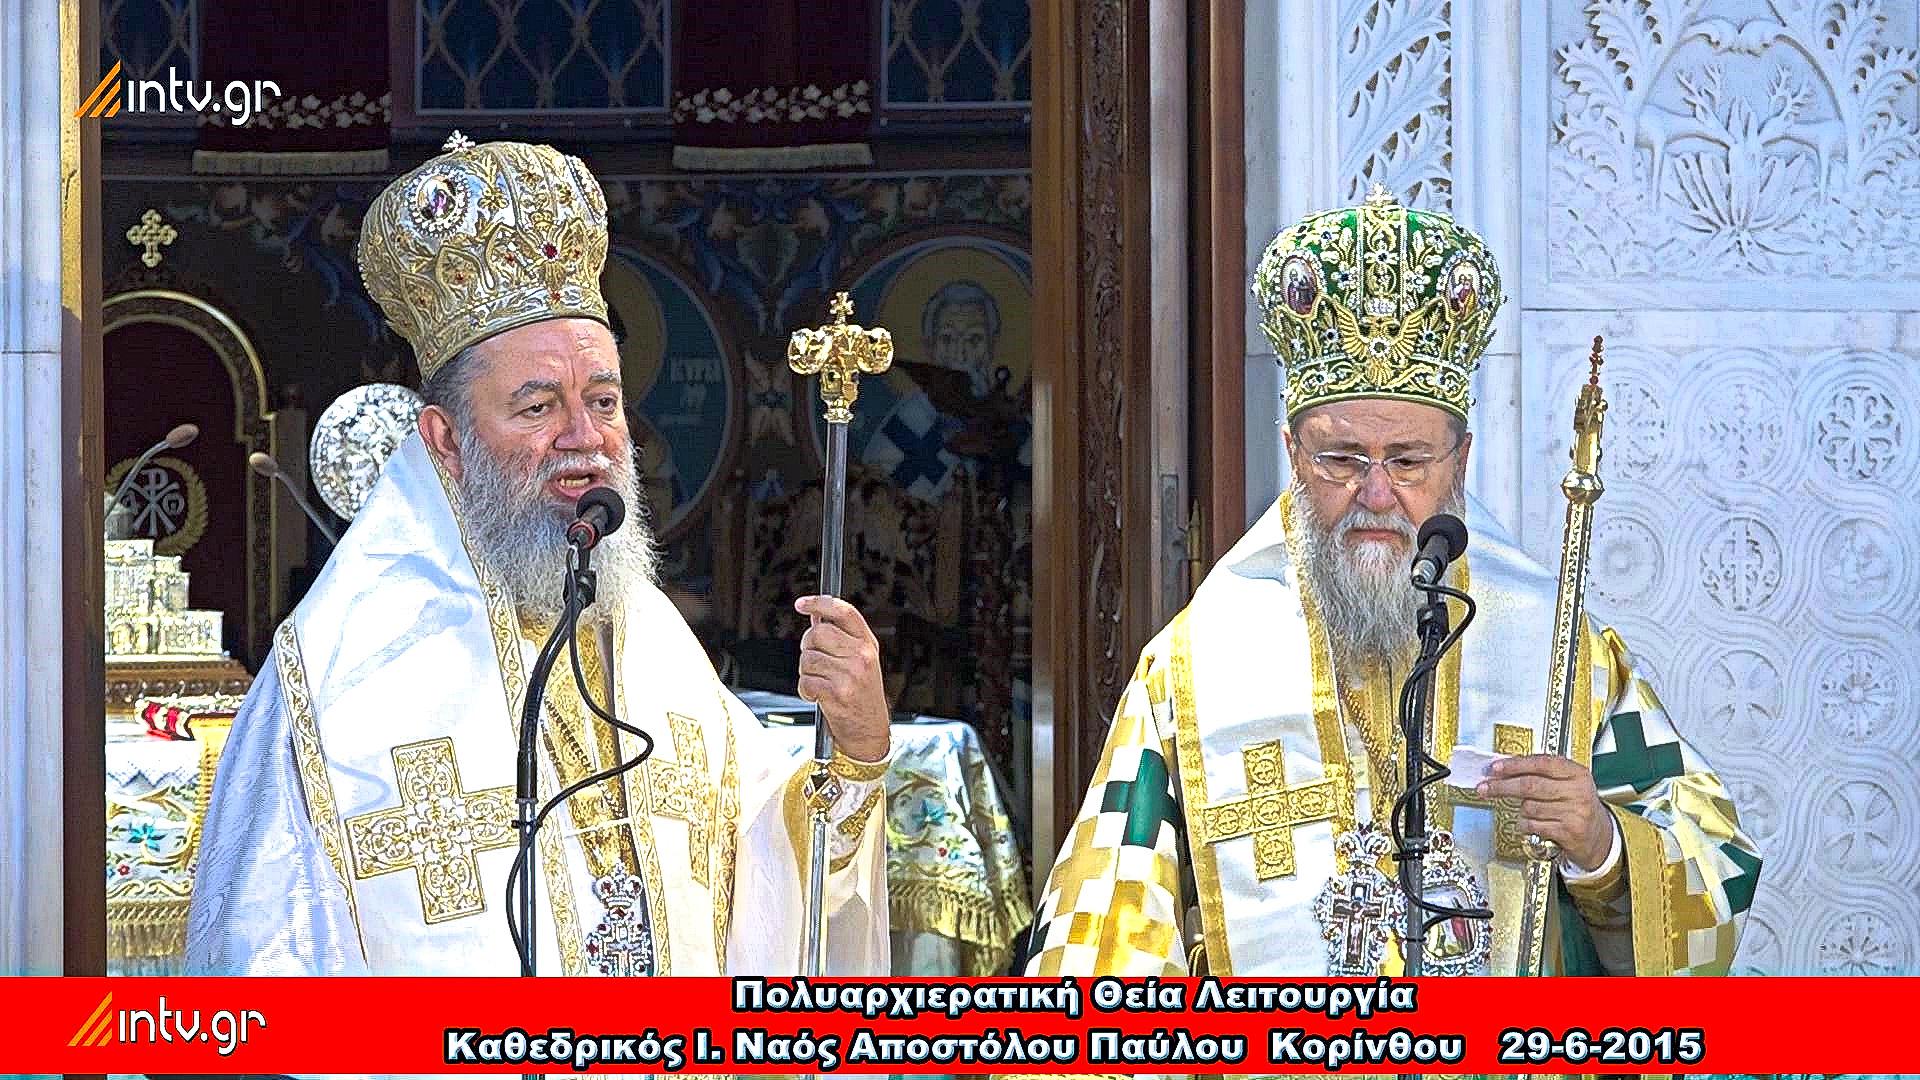 Πολυαρχιερατική Θεία Λειτουργία - Καθεδρικός Ι. Ναός Αποστόλου Παύλου  Κορίνθου.